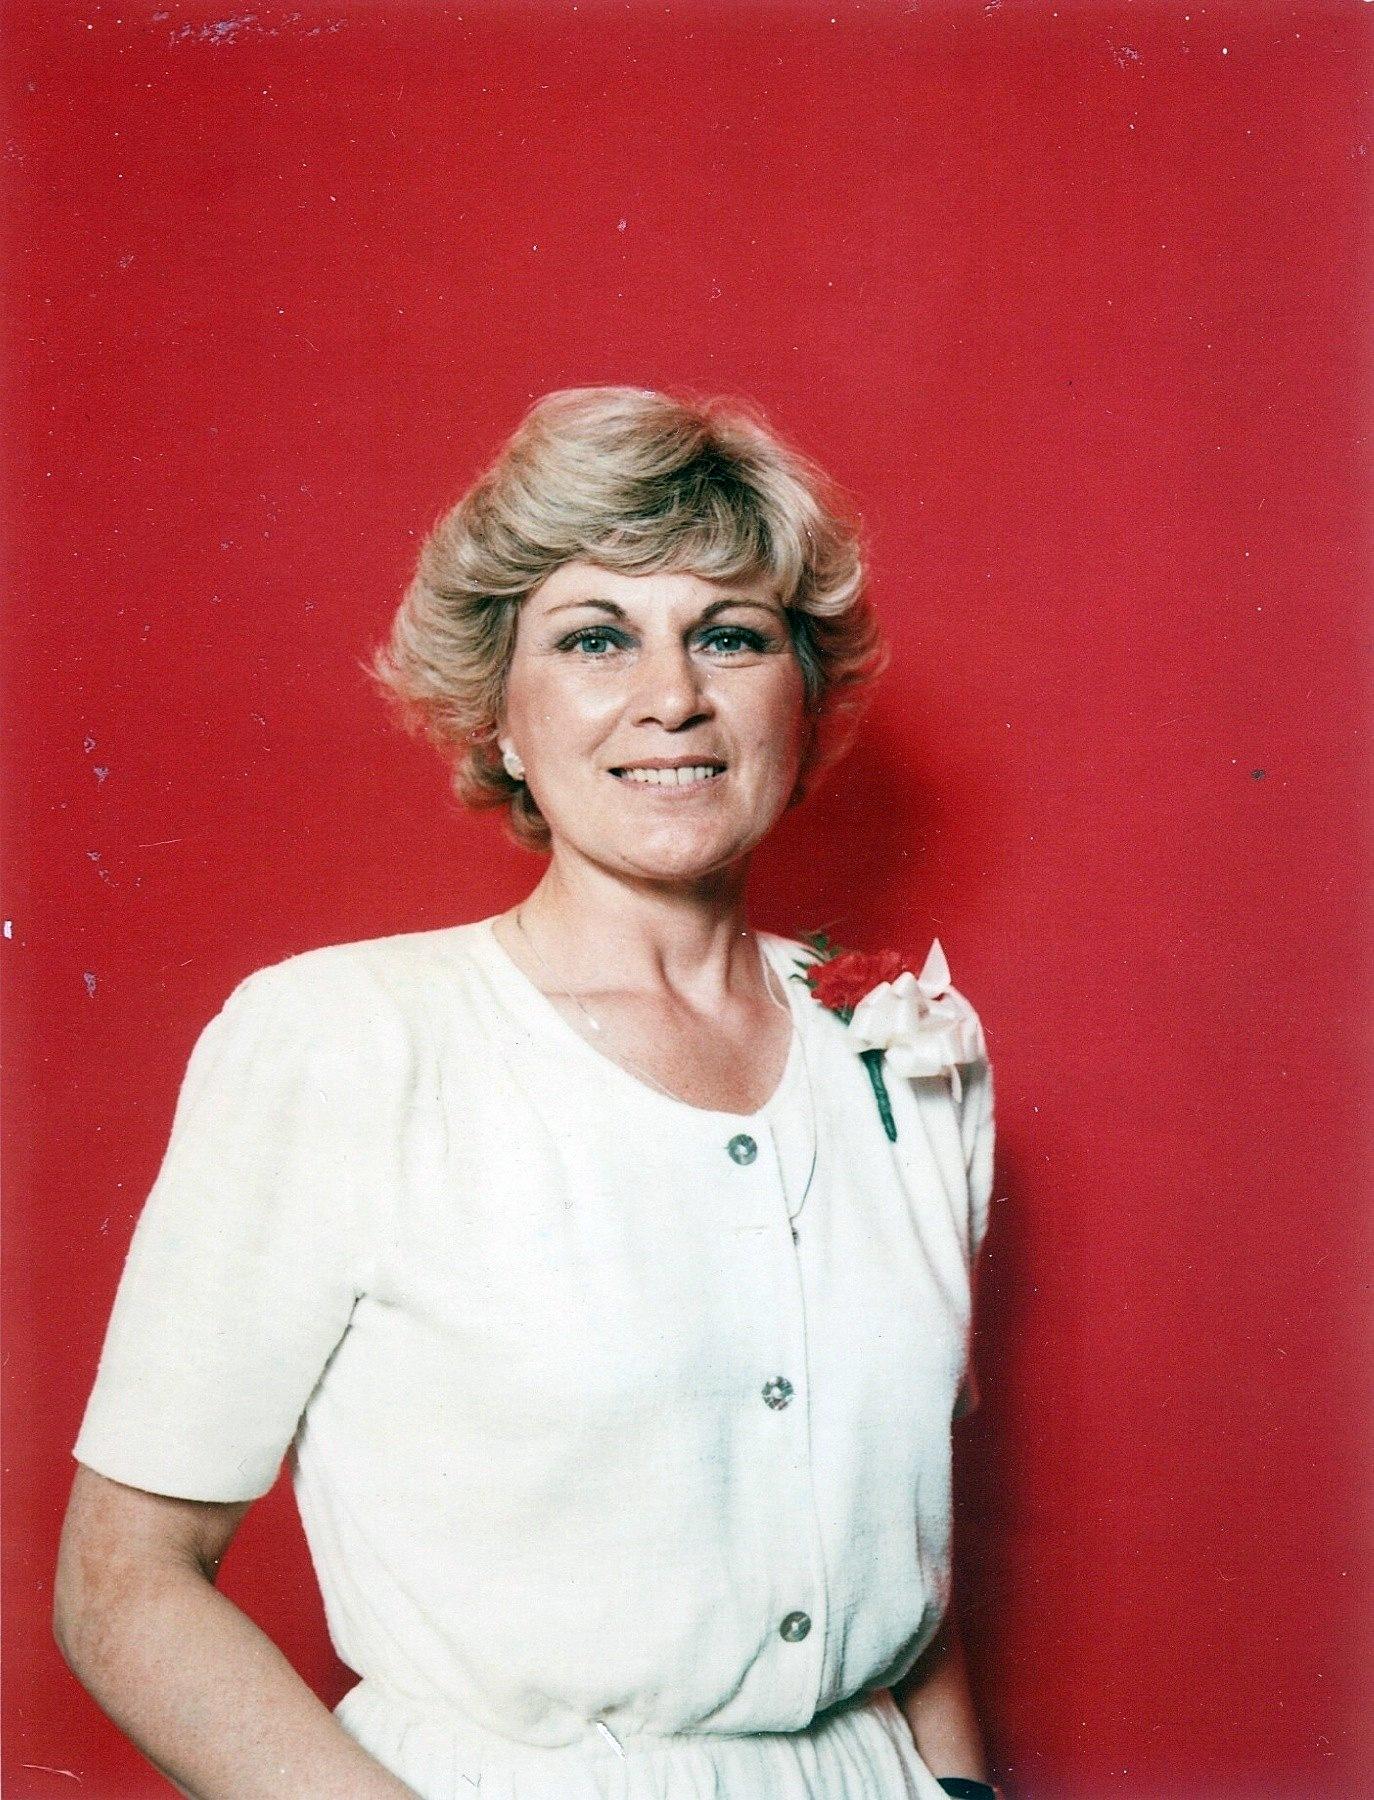 Scarlett Alice Johnson,Hildy Brooks Hot images Renee Jones,Anne Stallybrass (born 1938)